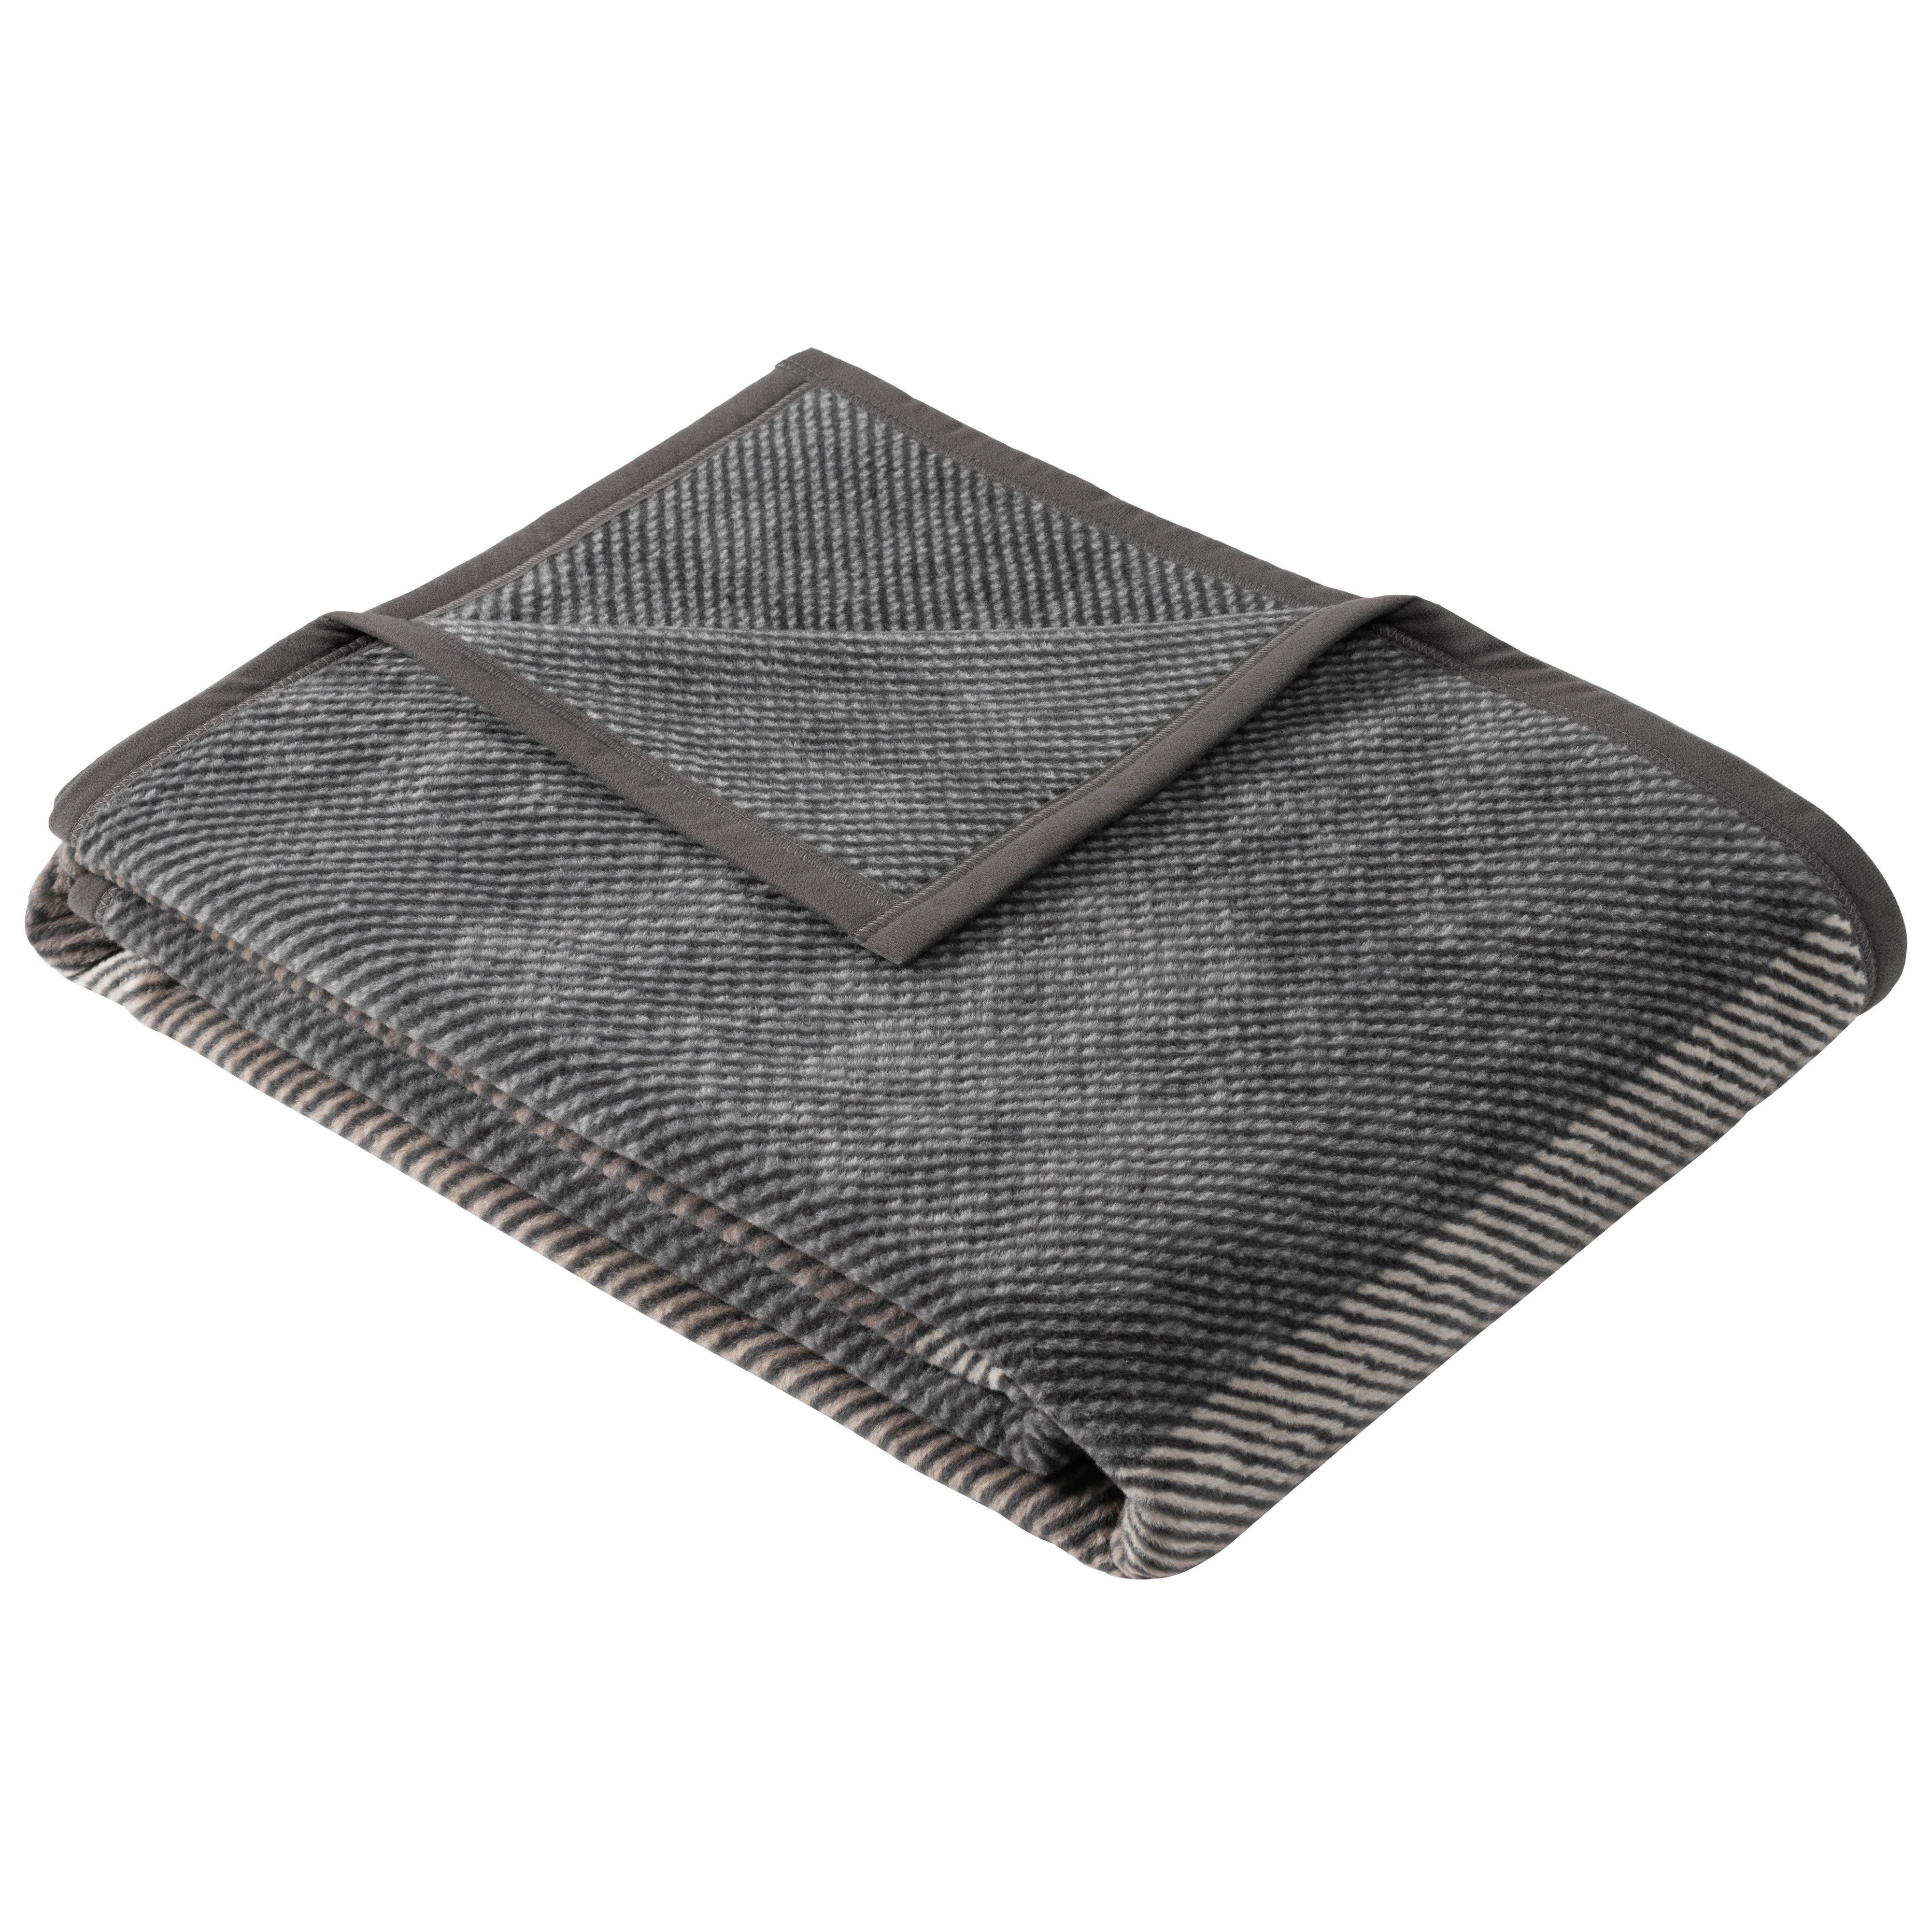 Jacquard Decke Vogar Grau-Braun 150x200 cm